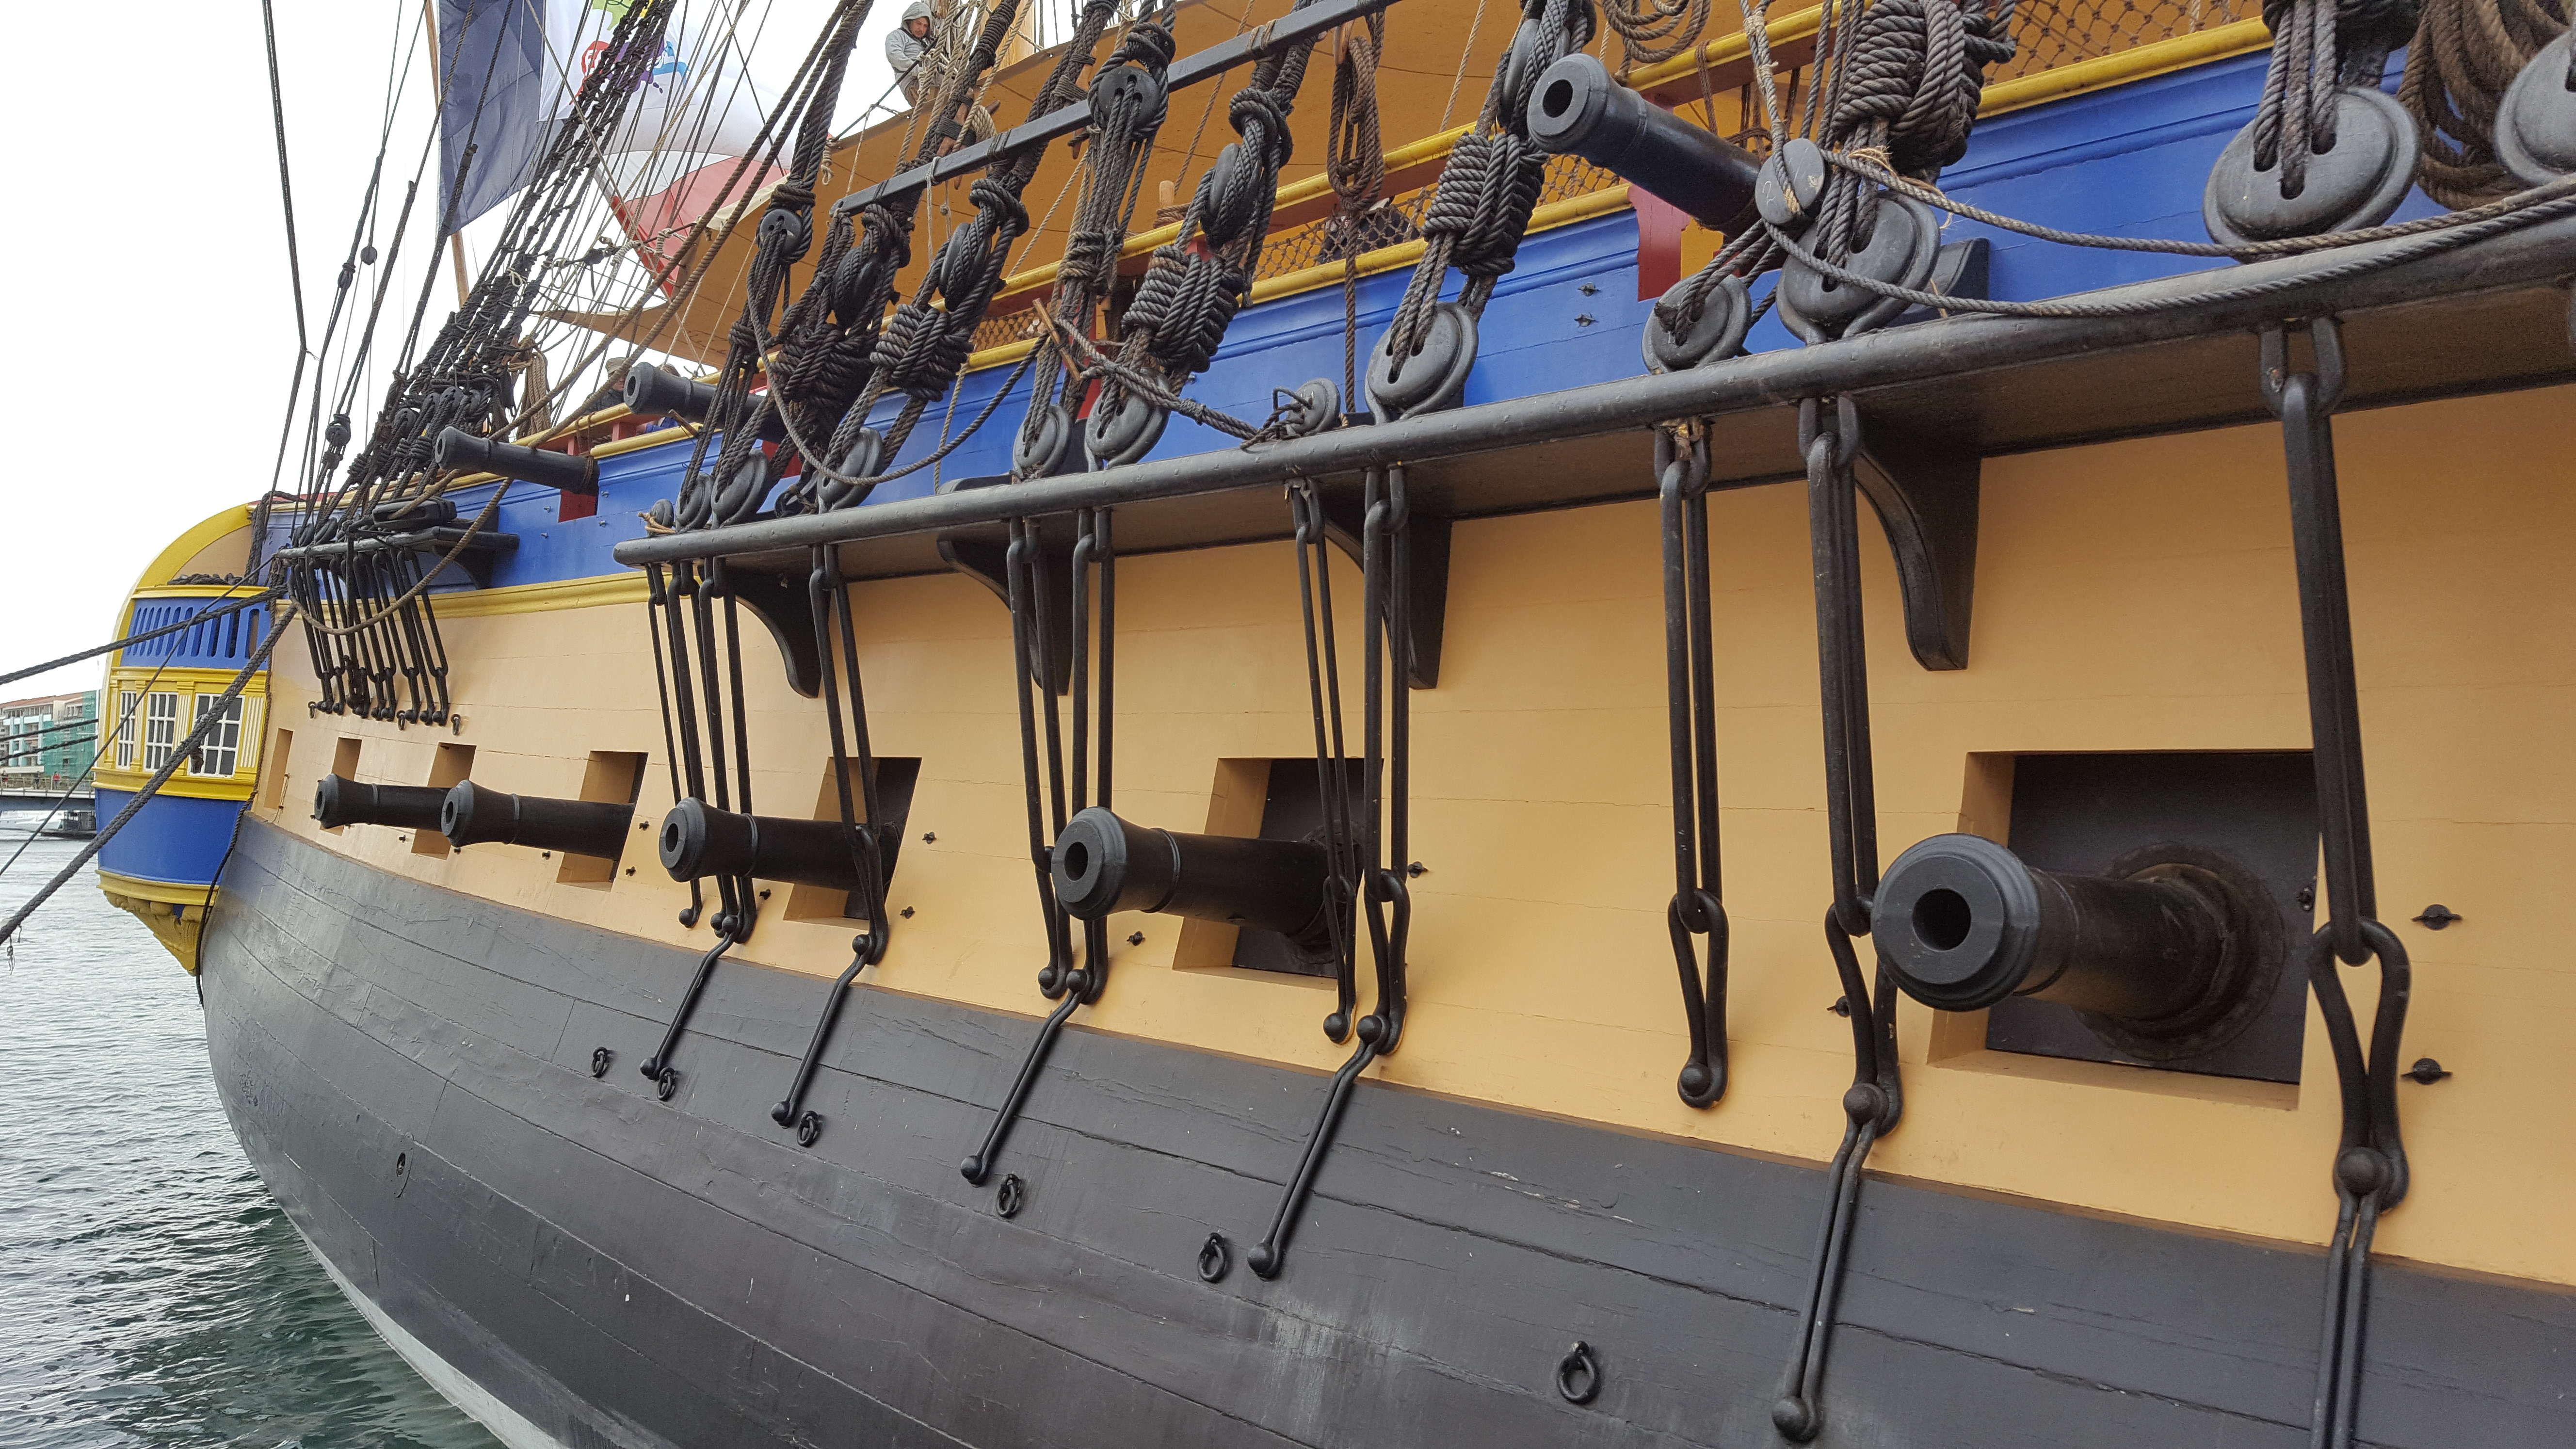 Zeci de tunuri sunt si azi la bordul vasului. Greutatea lor variaza de la 1 la 2 tone!